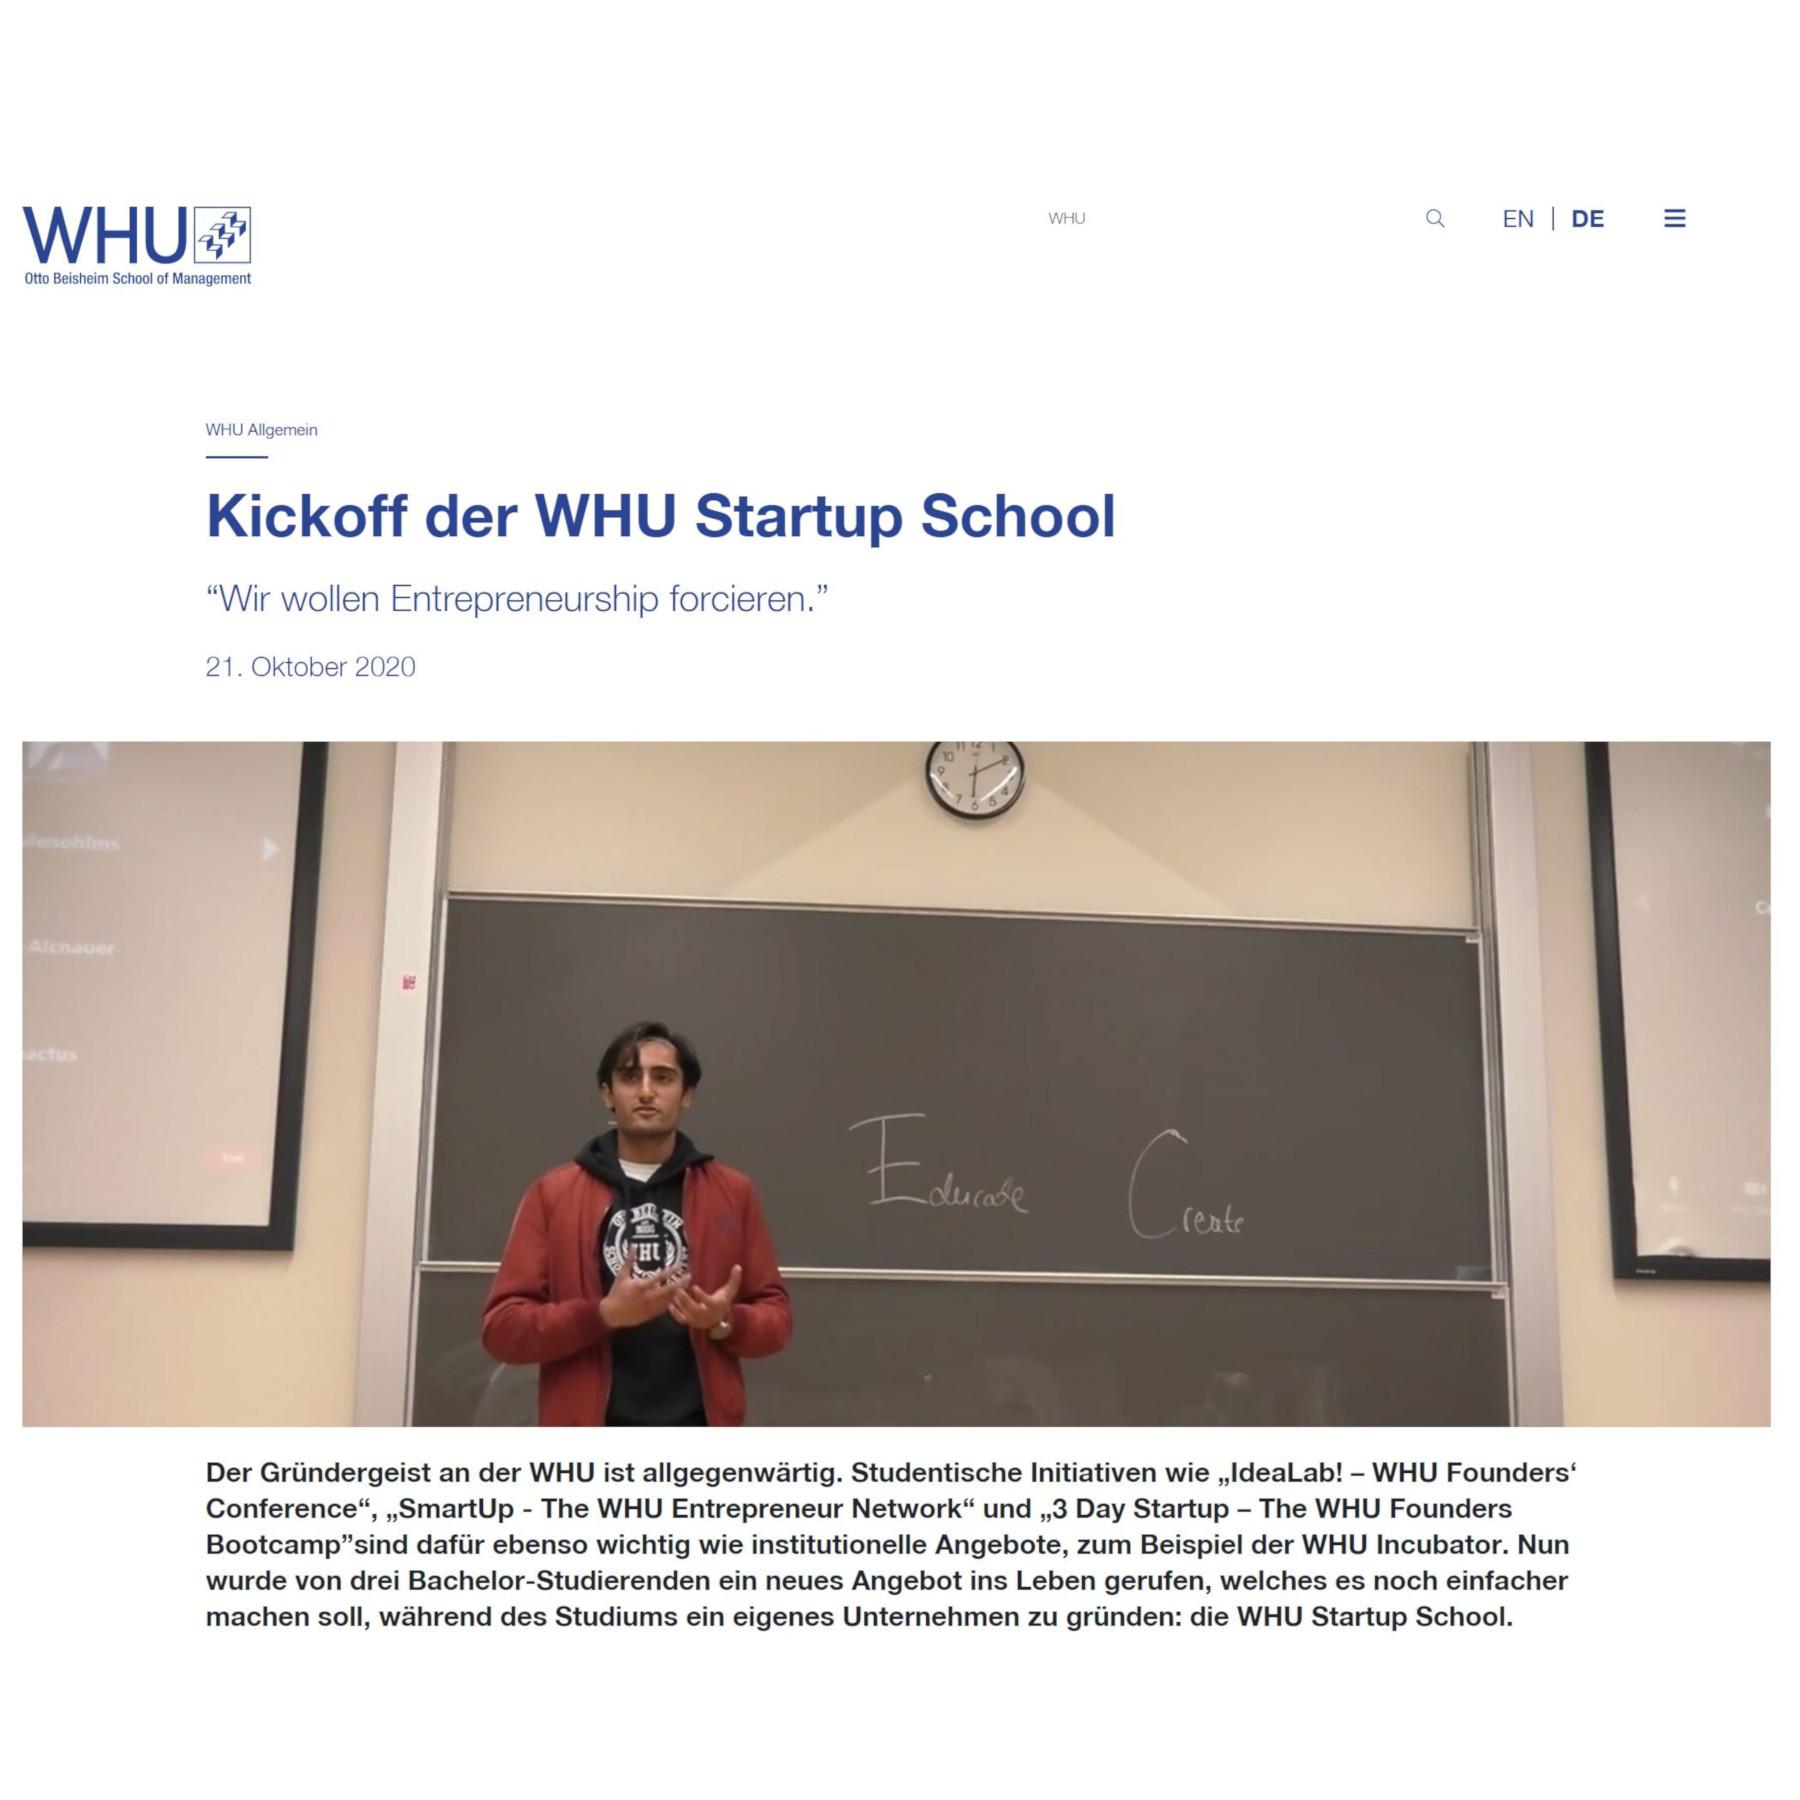 WHU Startup School